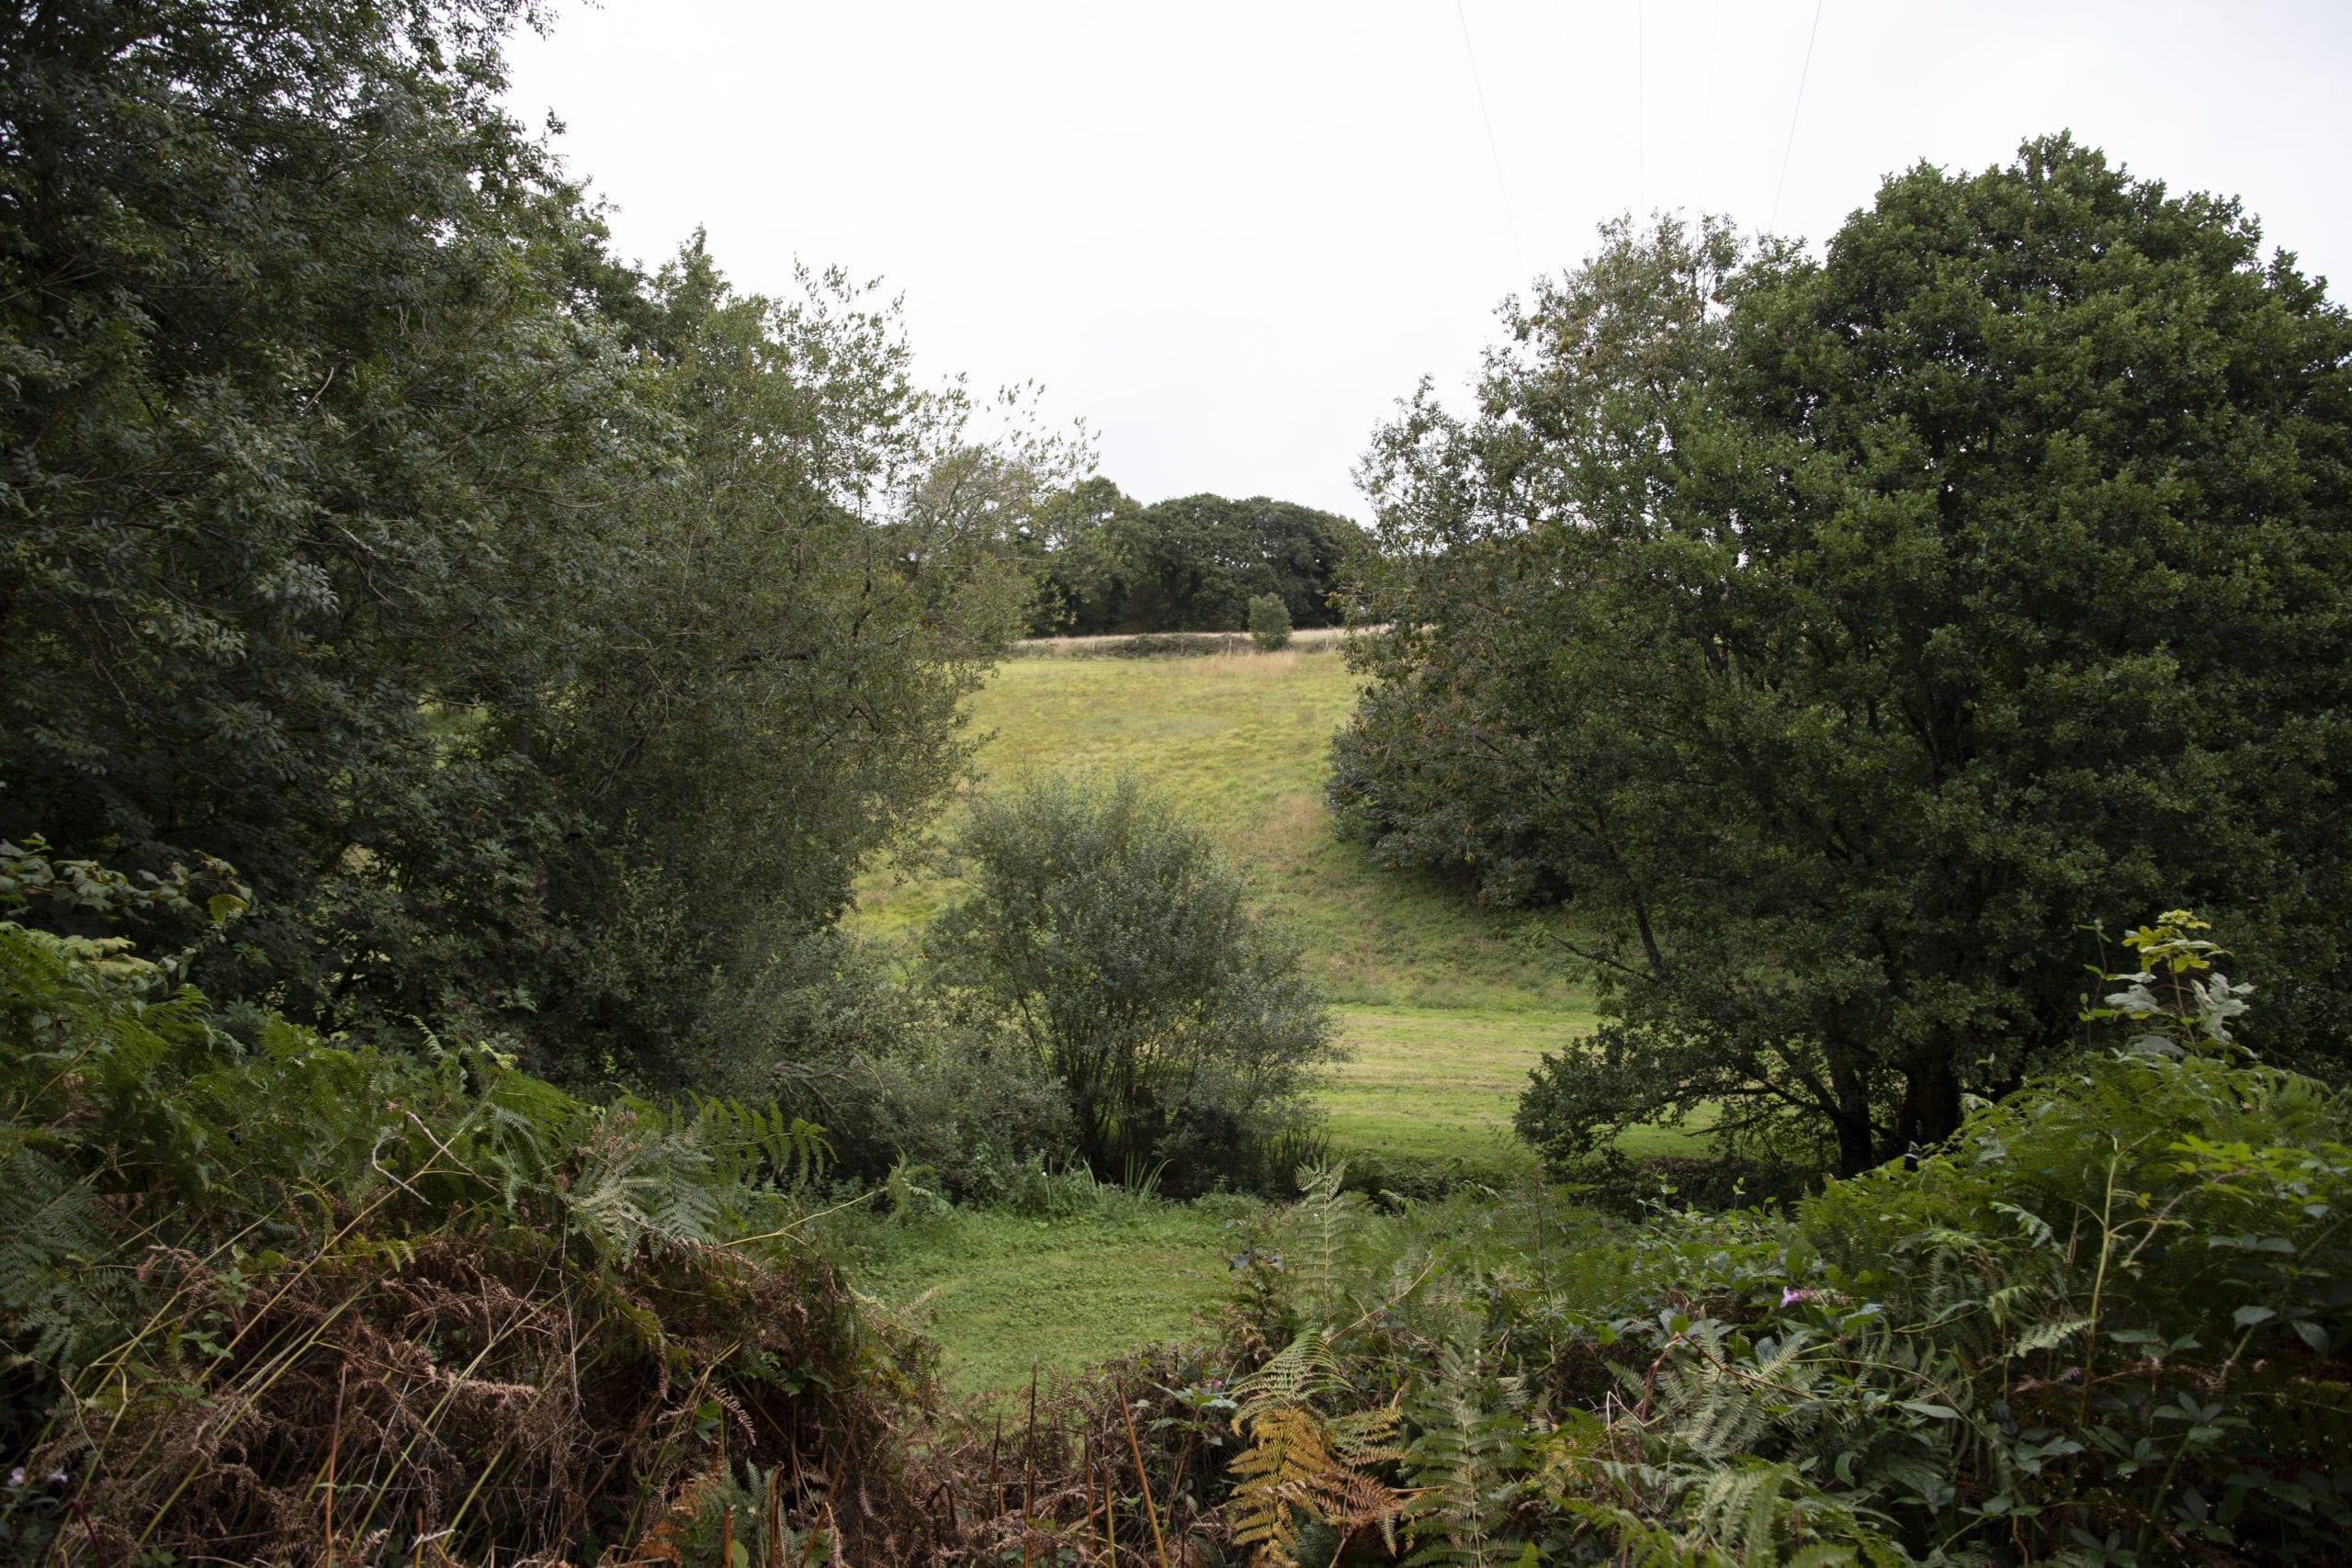 Protecting, enhancing and increasing biodiversity at Langarth Garden Village